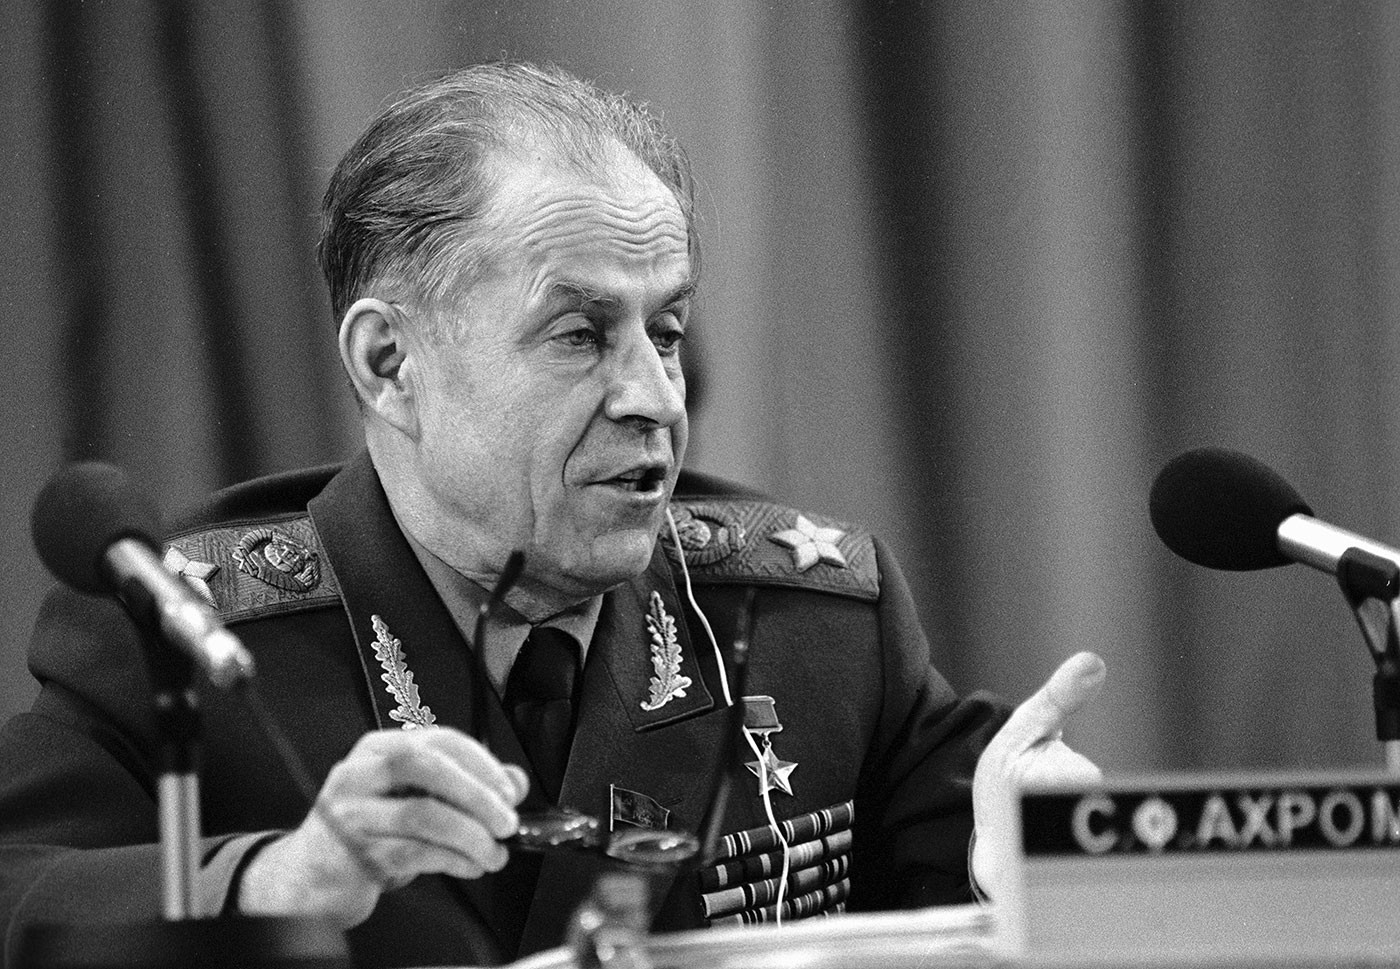 Маршал Ахромеев считал вторжение США в Афганистан подарком, но Кремль обманулся с благословения Андропова история,личности,СССР